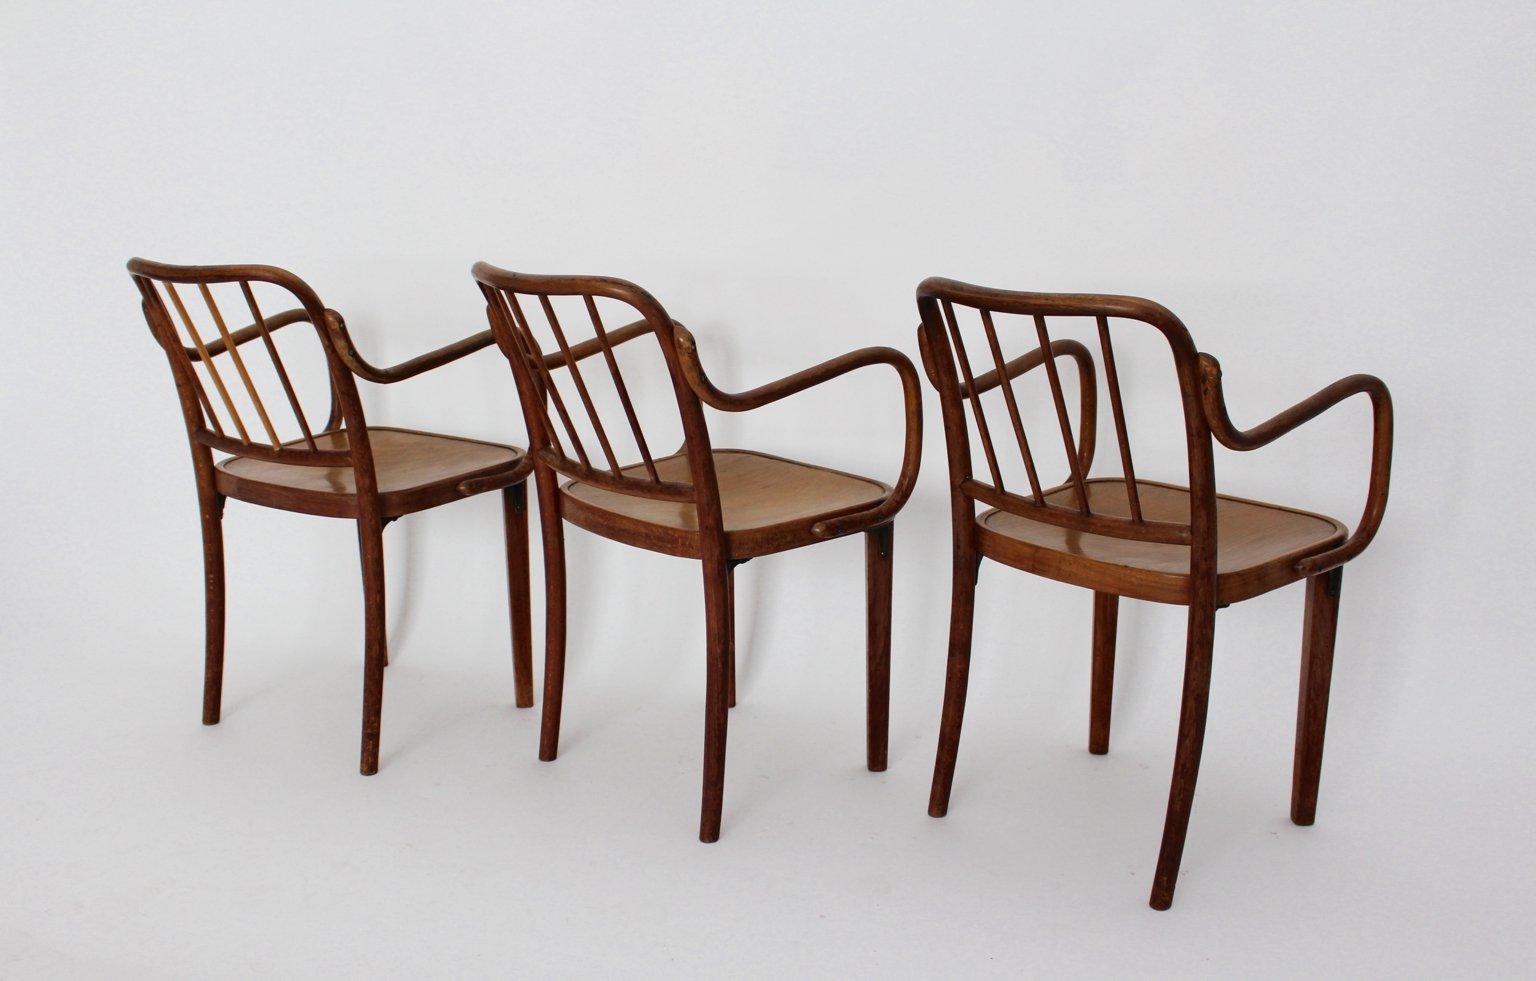 Sedia in legno curvato di thonet austria anni 39 30 in for Sedia design legno curvato